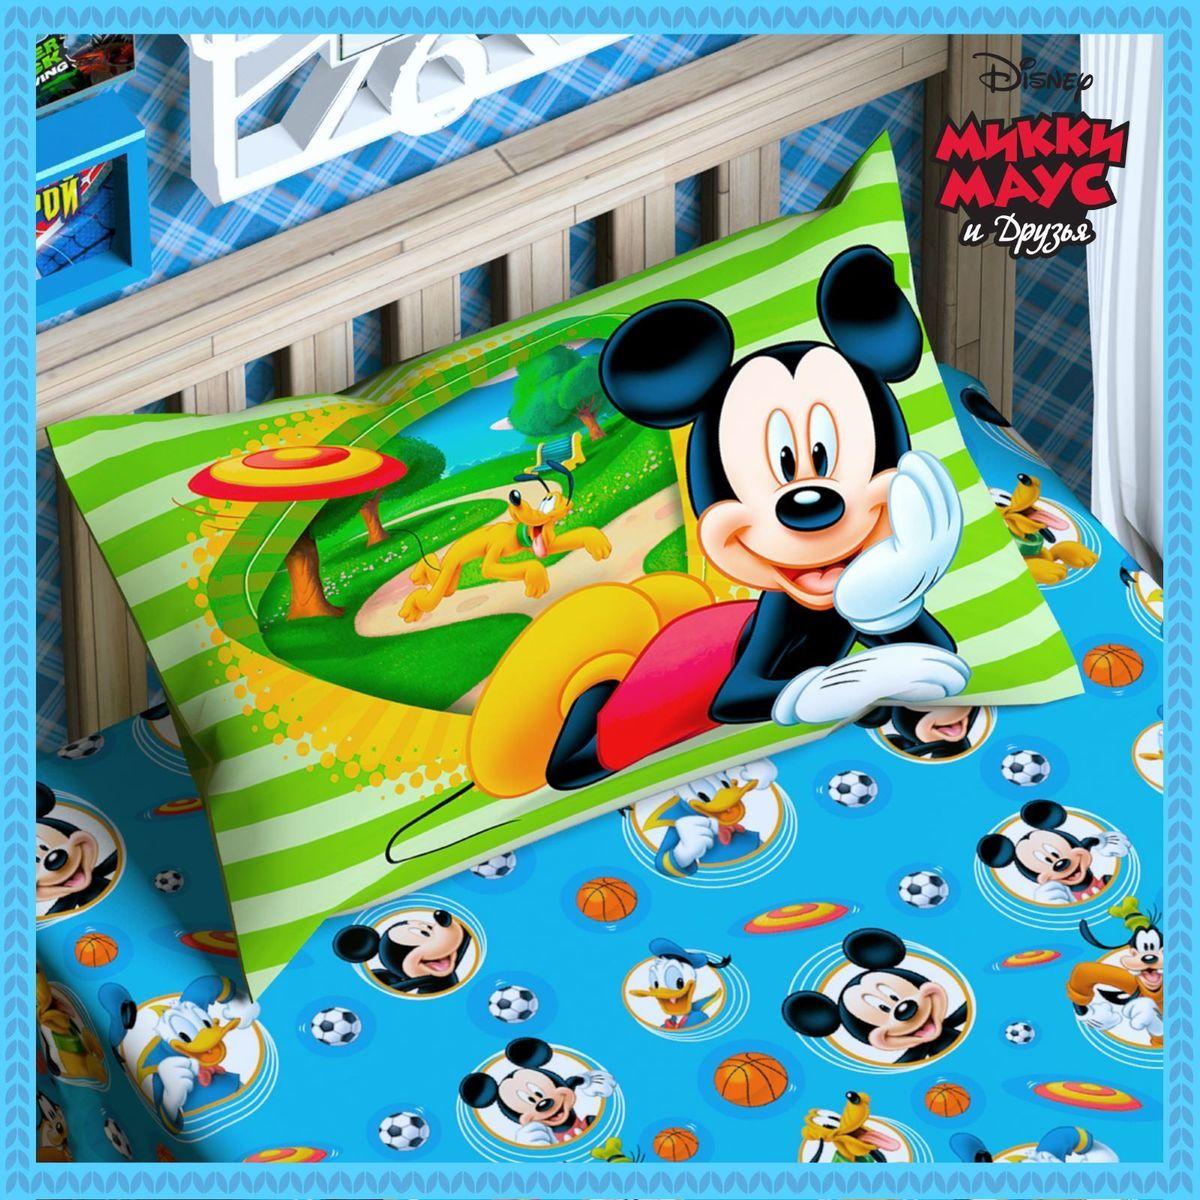 Disney Подушка панно Микки Маус и его друзья 50 х 70 11531111153111Сказочные сны с любимыми героями Disney. Маленький любитель мультфильмов Disney будет в восторге от этого яркого одеяла ! Оно подарит крохе захватывающие сны и по-настоящему доброе утро.Почему?Потому что одеяло изготовлено в России на современном оборудовании, а при нанесении рисунка использовались только качественные европейские красители.Над дизайном работала команда настоящих мастеров своего дела: очаровательные персонажи мультфильмов, детально проработанная картинка, гармоничное сочетание цветов — всё это результат их кропотливой работы.В качестве наполнителя для изделия используется файбер — практичный, безопасный и мягкий материал. Именно поэтому одеяло:поддерживает комфортную температуру тела во время сна; не способствует появлению аллергии и раздражения; позволяет коже дышать и впитывает влагу; хорошо переносит многочисленные стирки, сохраняя первоначальную форму и внешний вид; Чехол выполнен из поплина — прочной, невероятно приятной на ощупь хлопковой ткани, которая хорошо поддаётся окрашиванию и также позволяет коже дышать.Состав:Чехол: хлопок 100 %, поплин 125 г/м?.Наполнитель: файбер 200 г/м?.Рекомендации по уходу за изделием: стирайте при температуре не выше 40 °C без использования отбеливателей. Сушите в горизонтальном положении.